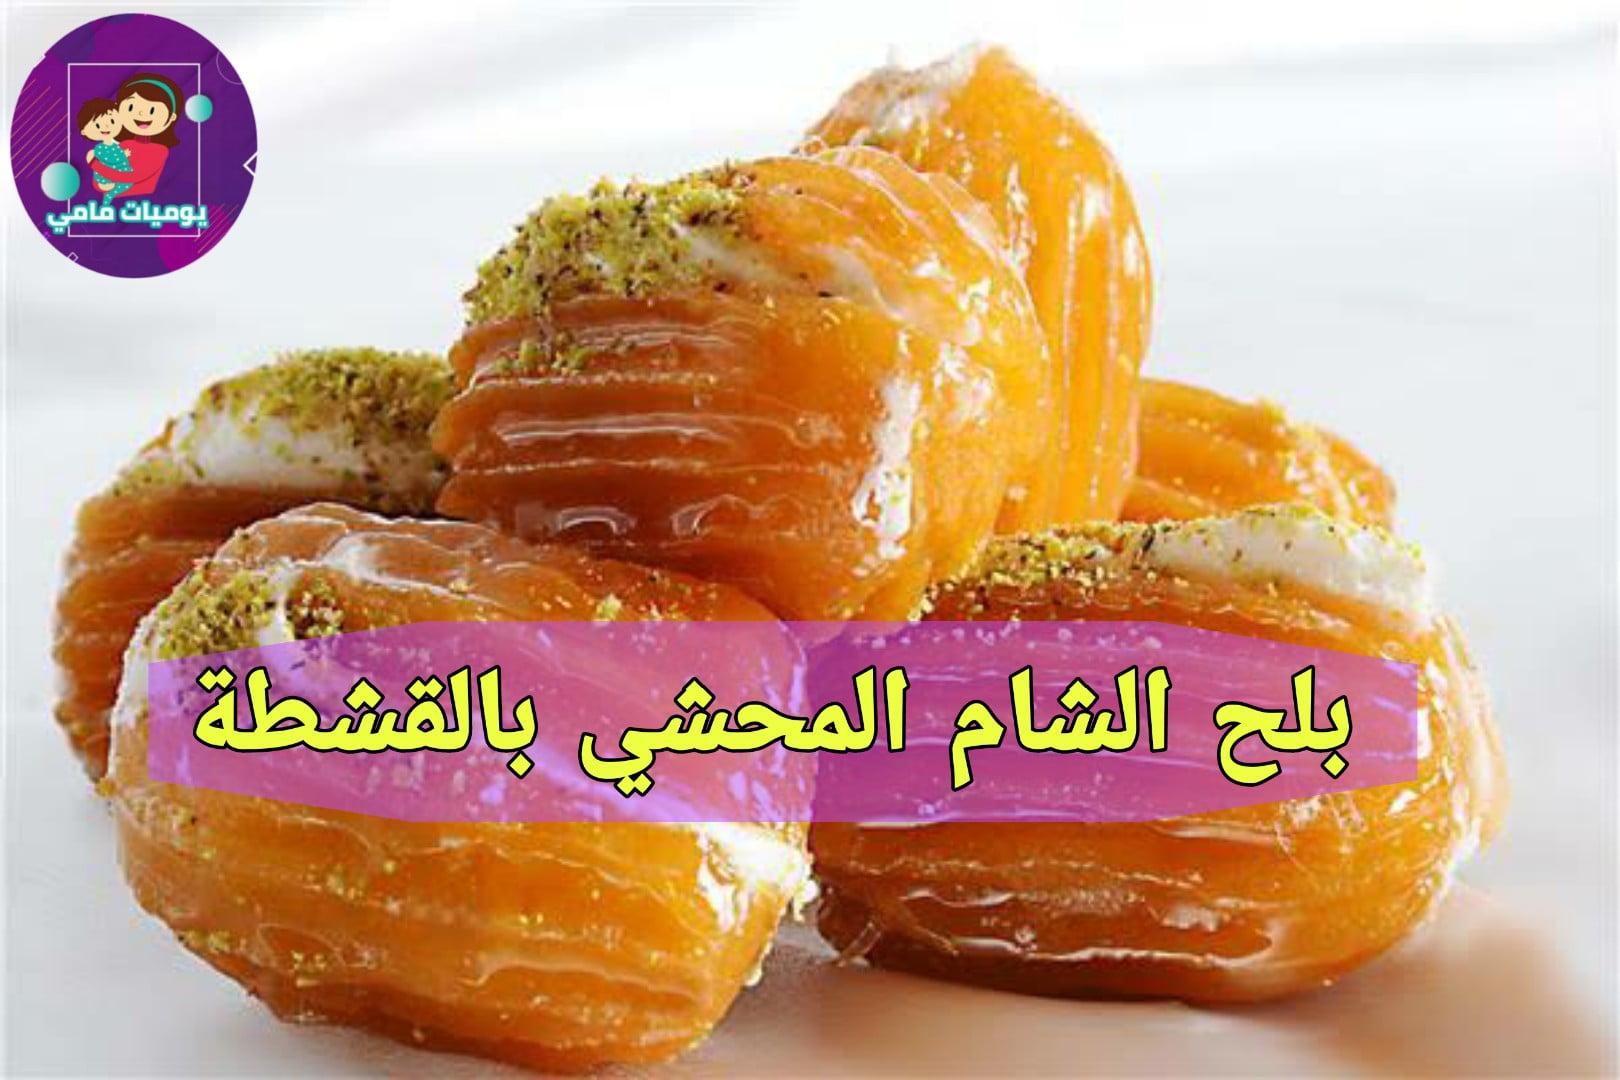 طريقة بلح الشام المحشي بالقشطة - يوميات مامي - MamyDays